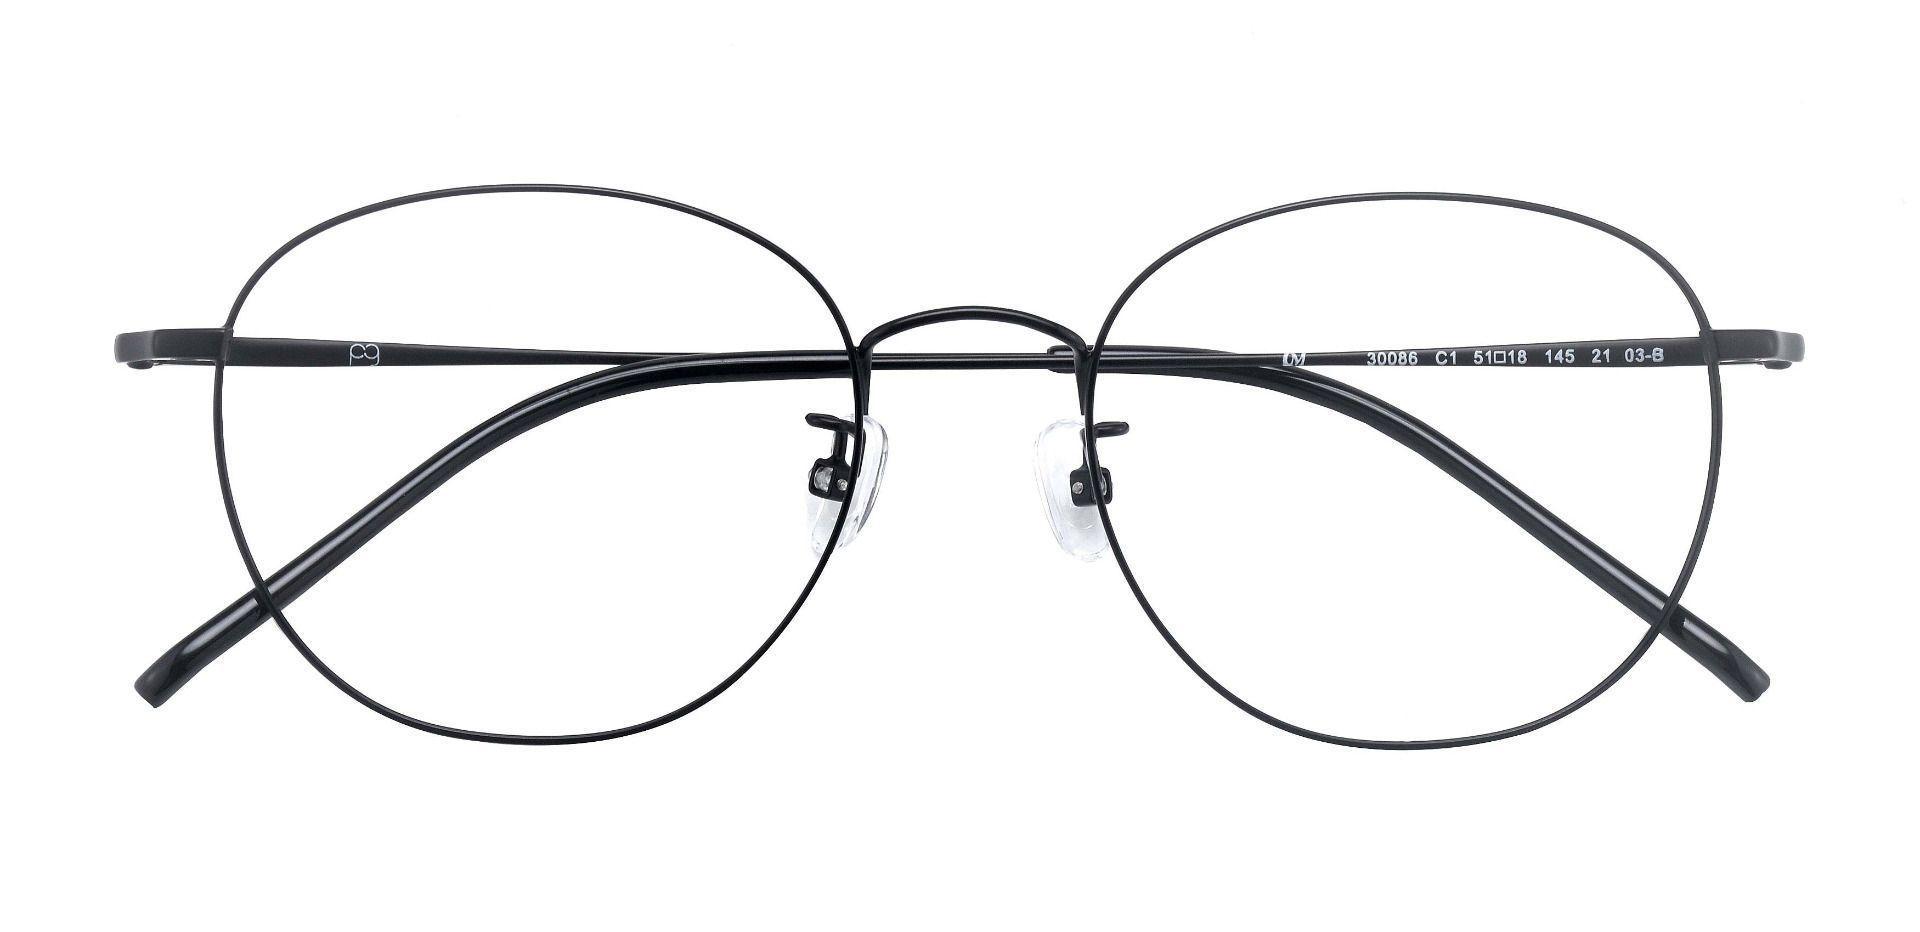 Ventura Oval Prescription Glasses - Black